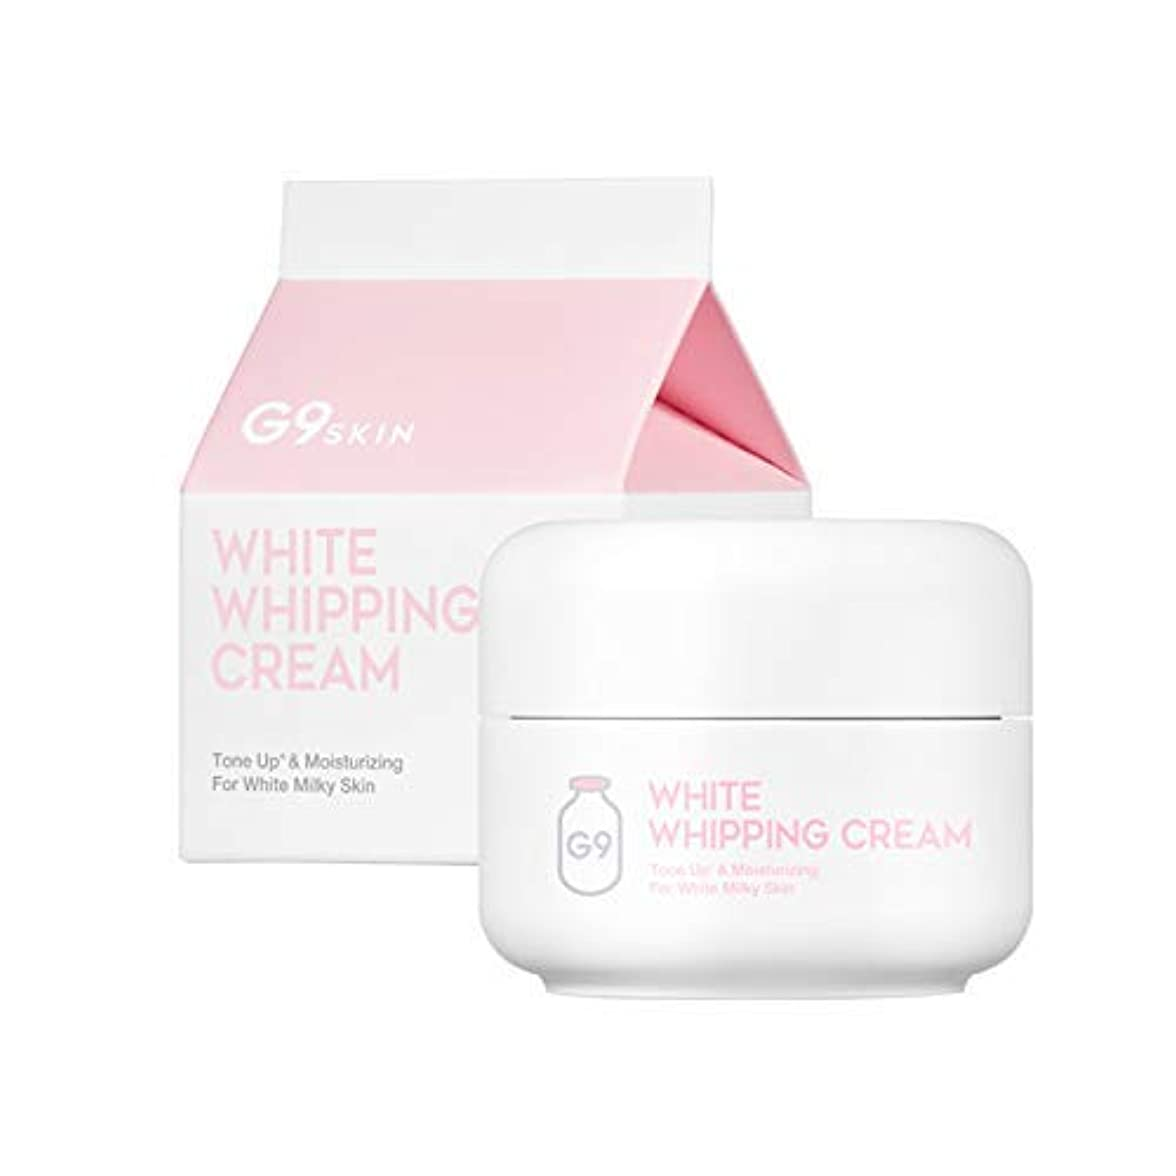 貨物少年治療GR G9スキン ホワイト ホイッピング クリーム (50g) フェイスクリーム